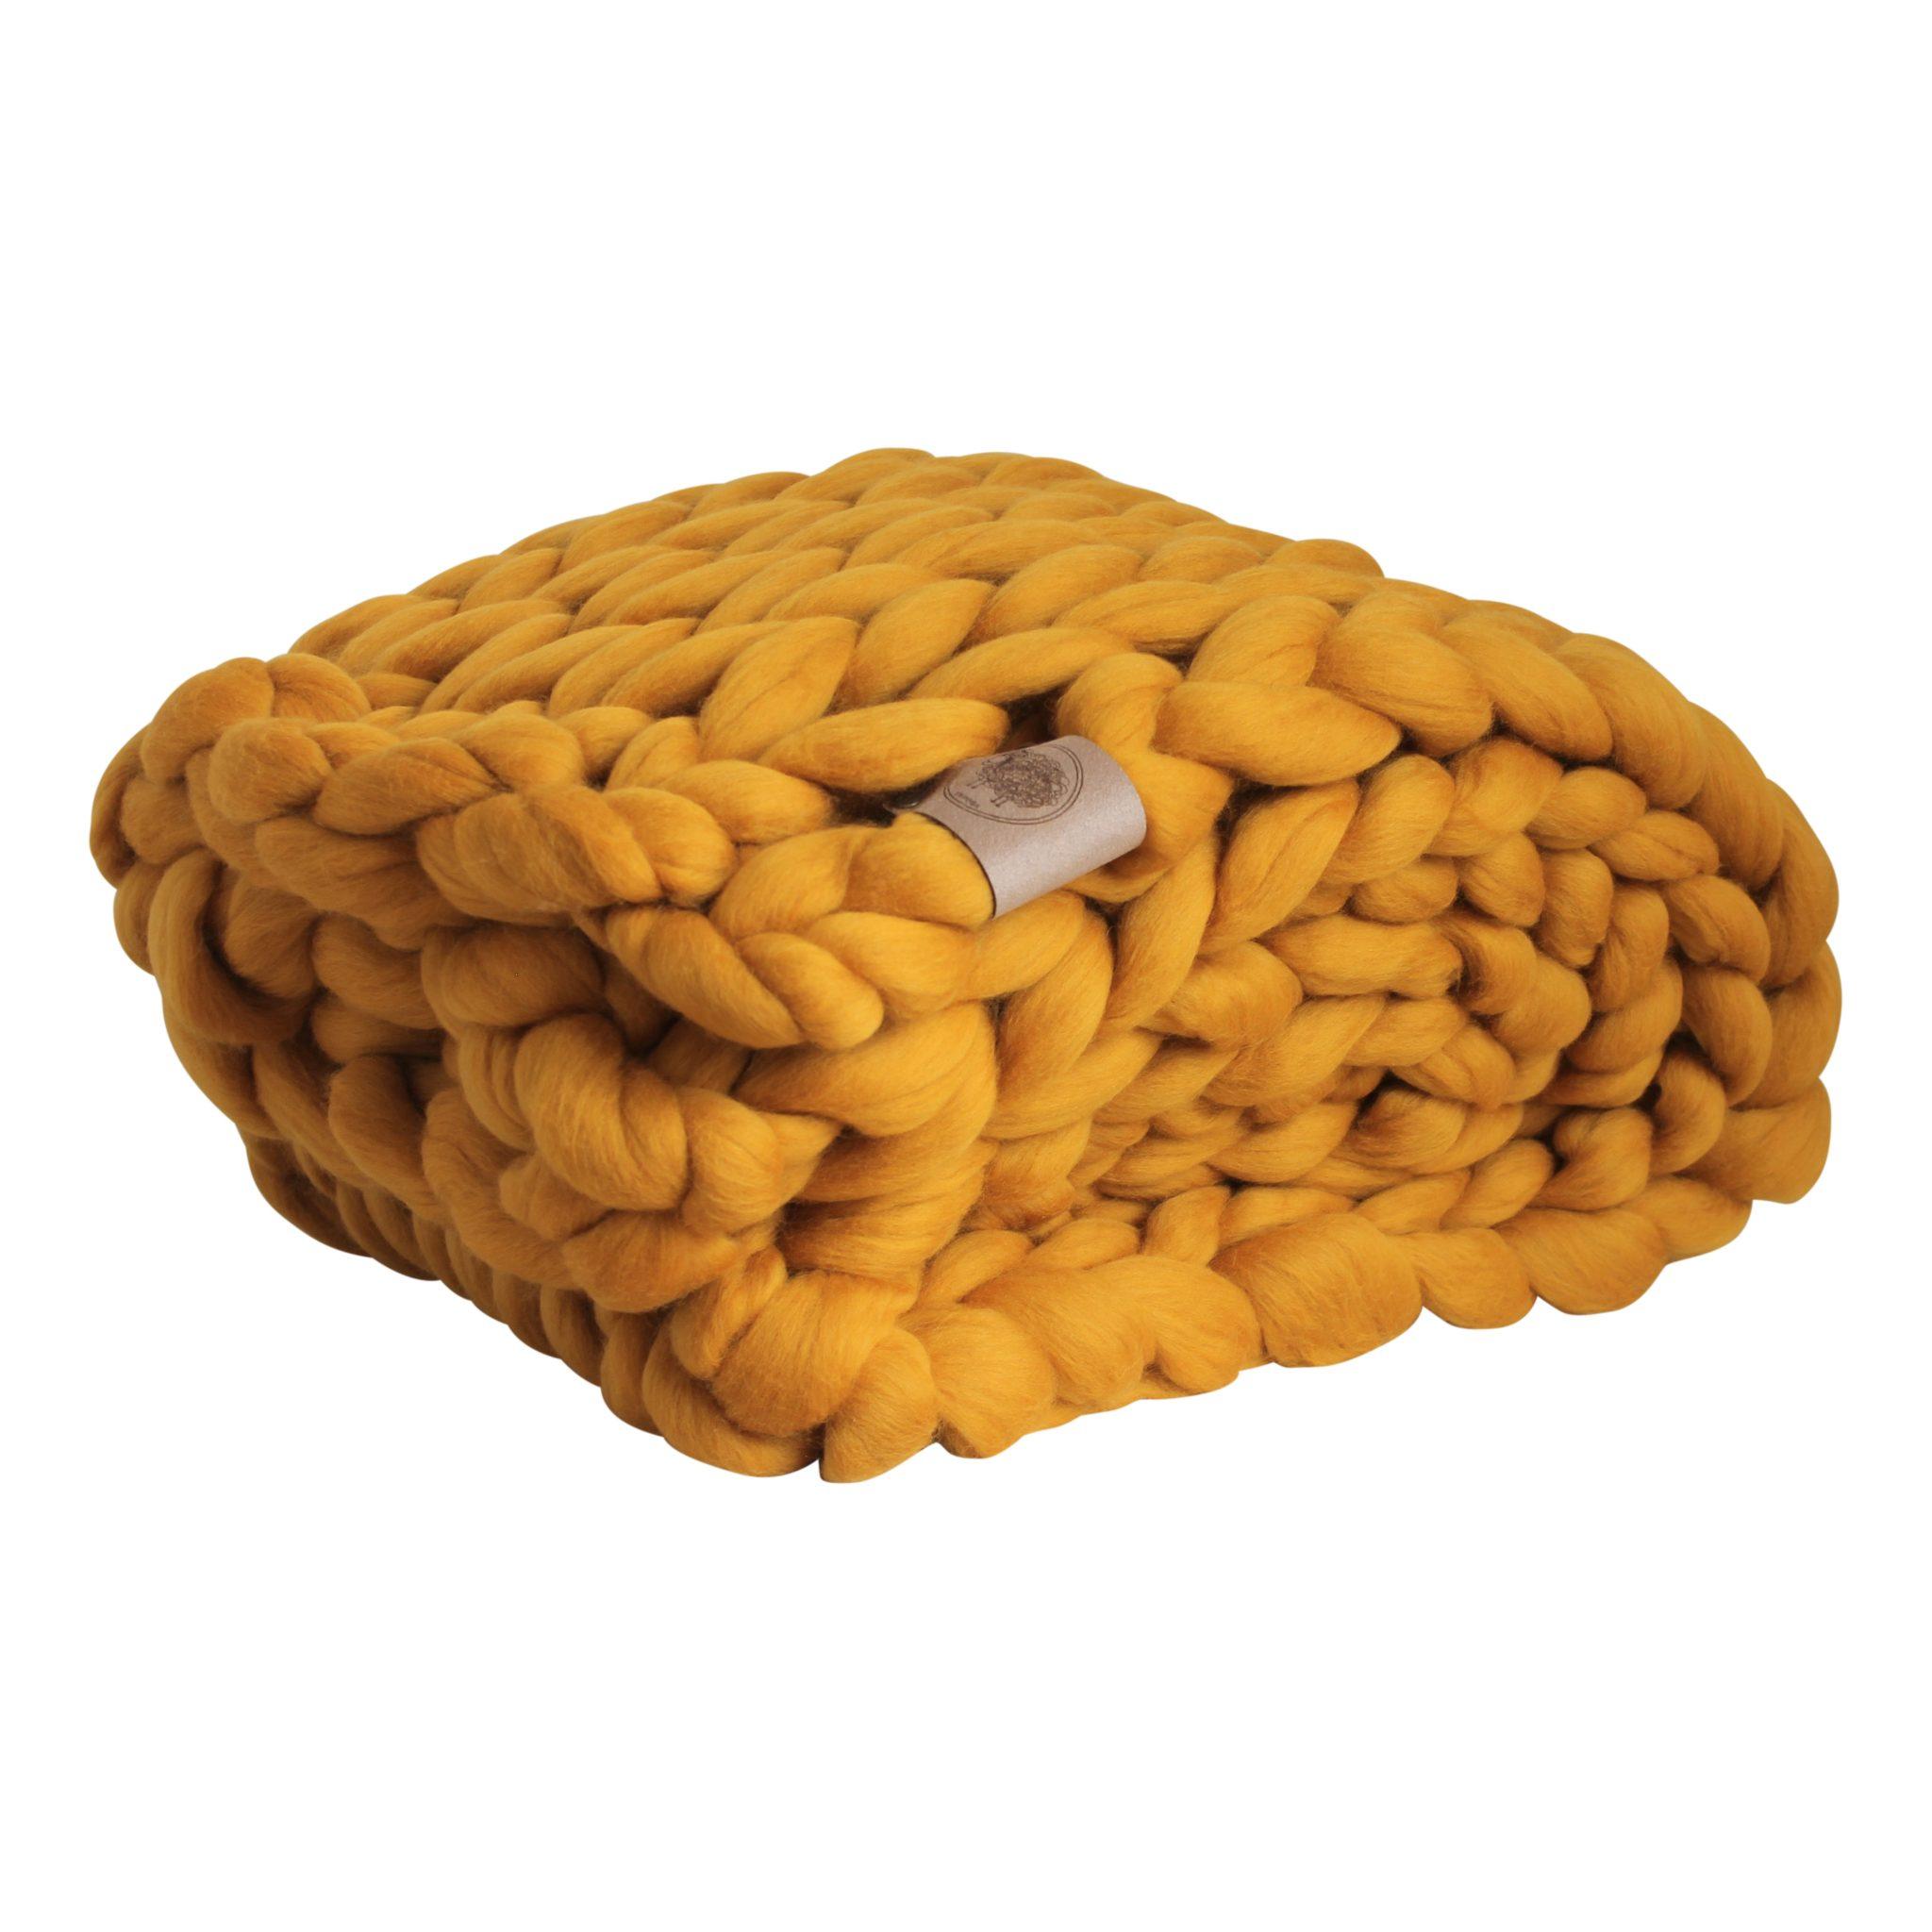 f48a37b37d0d93 wolletje bol bolletje wol chunky knit xxl merino wool woollen plaid blanket  throw pillow cushion mustard